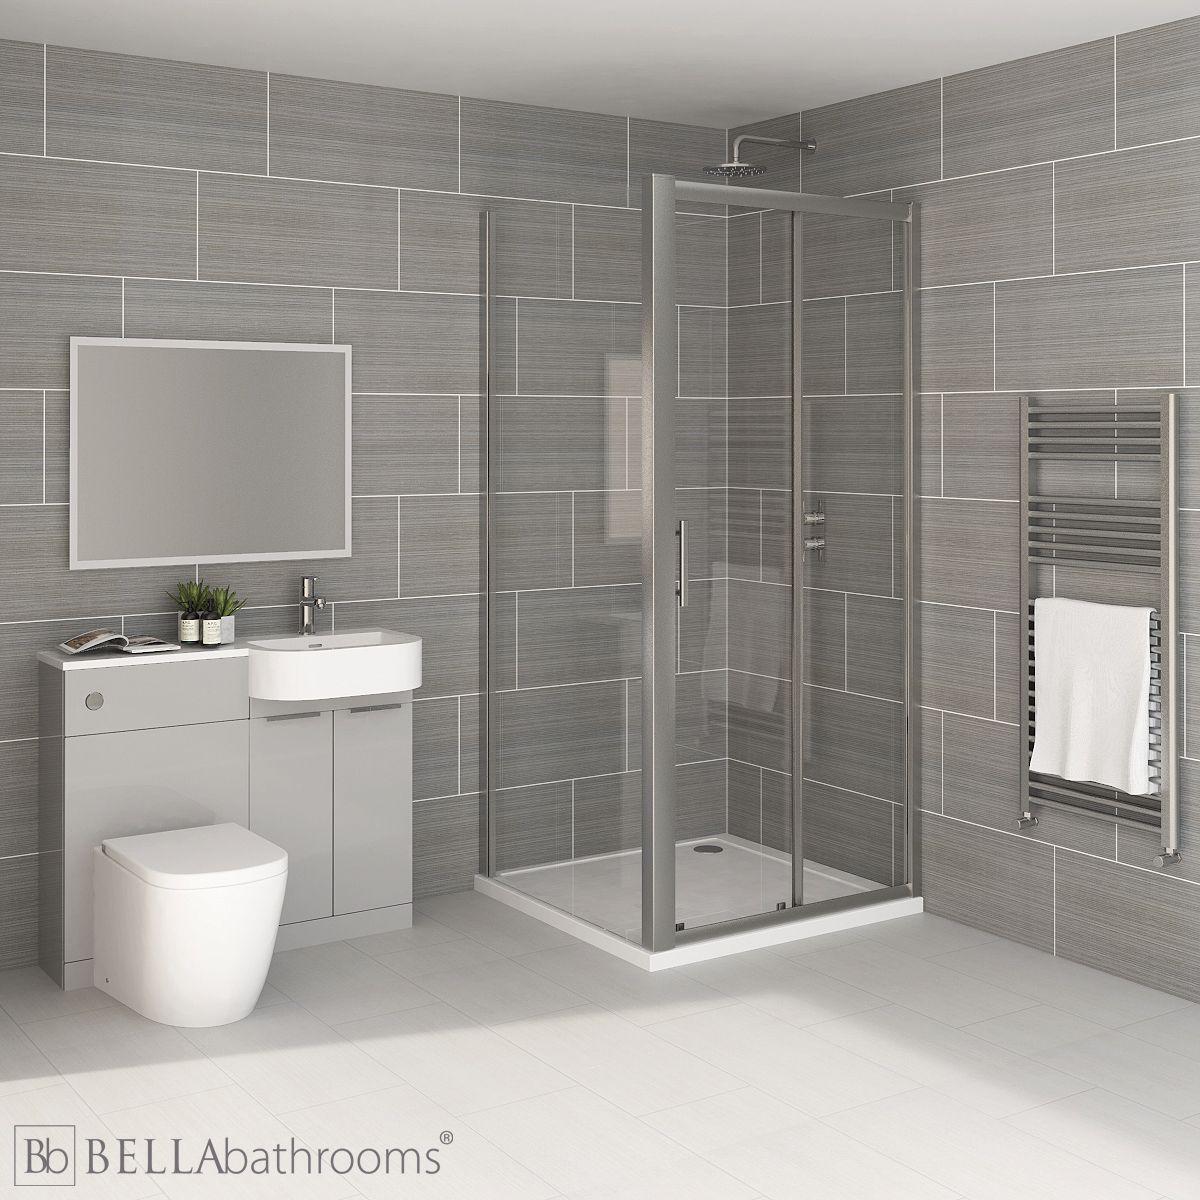 Elation Combination P Shape Pearl Grey Matt Furniture Suite with April Destini Sliding Shower Enclosure